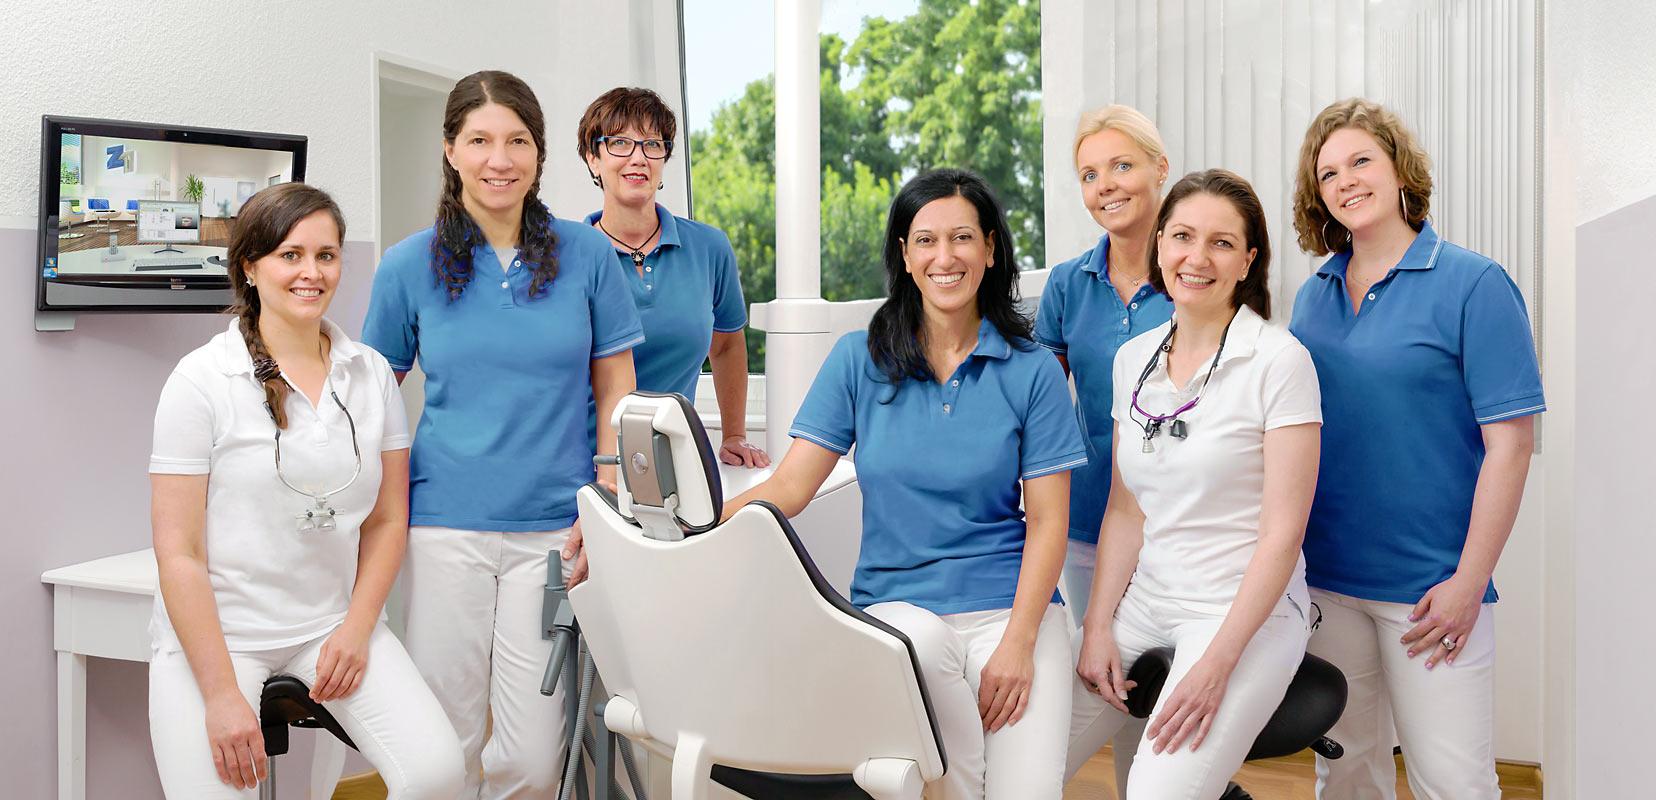 Gruppenfoto Team in medizinischer Praxis